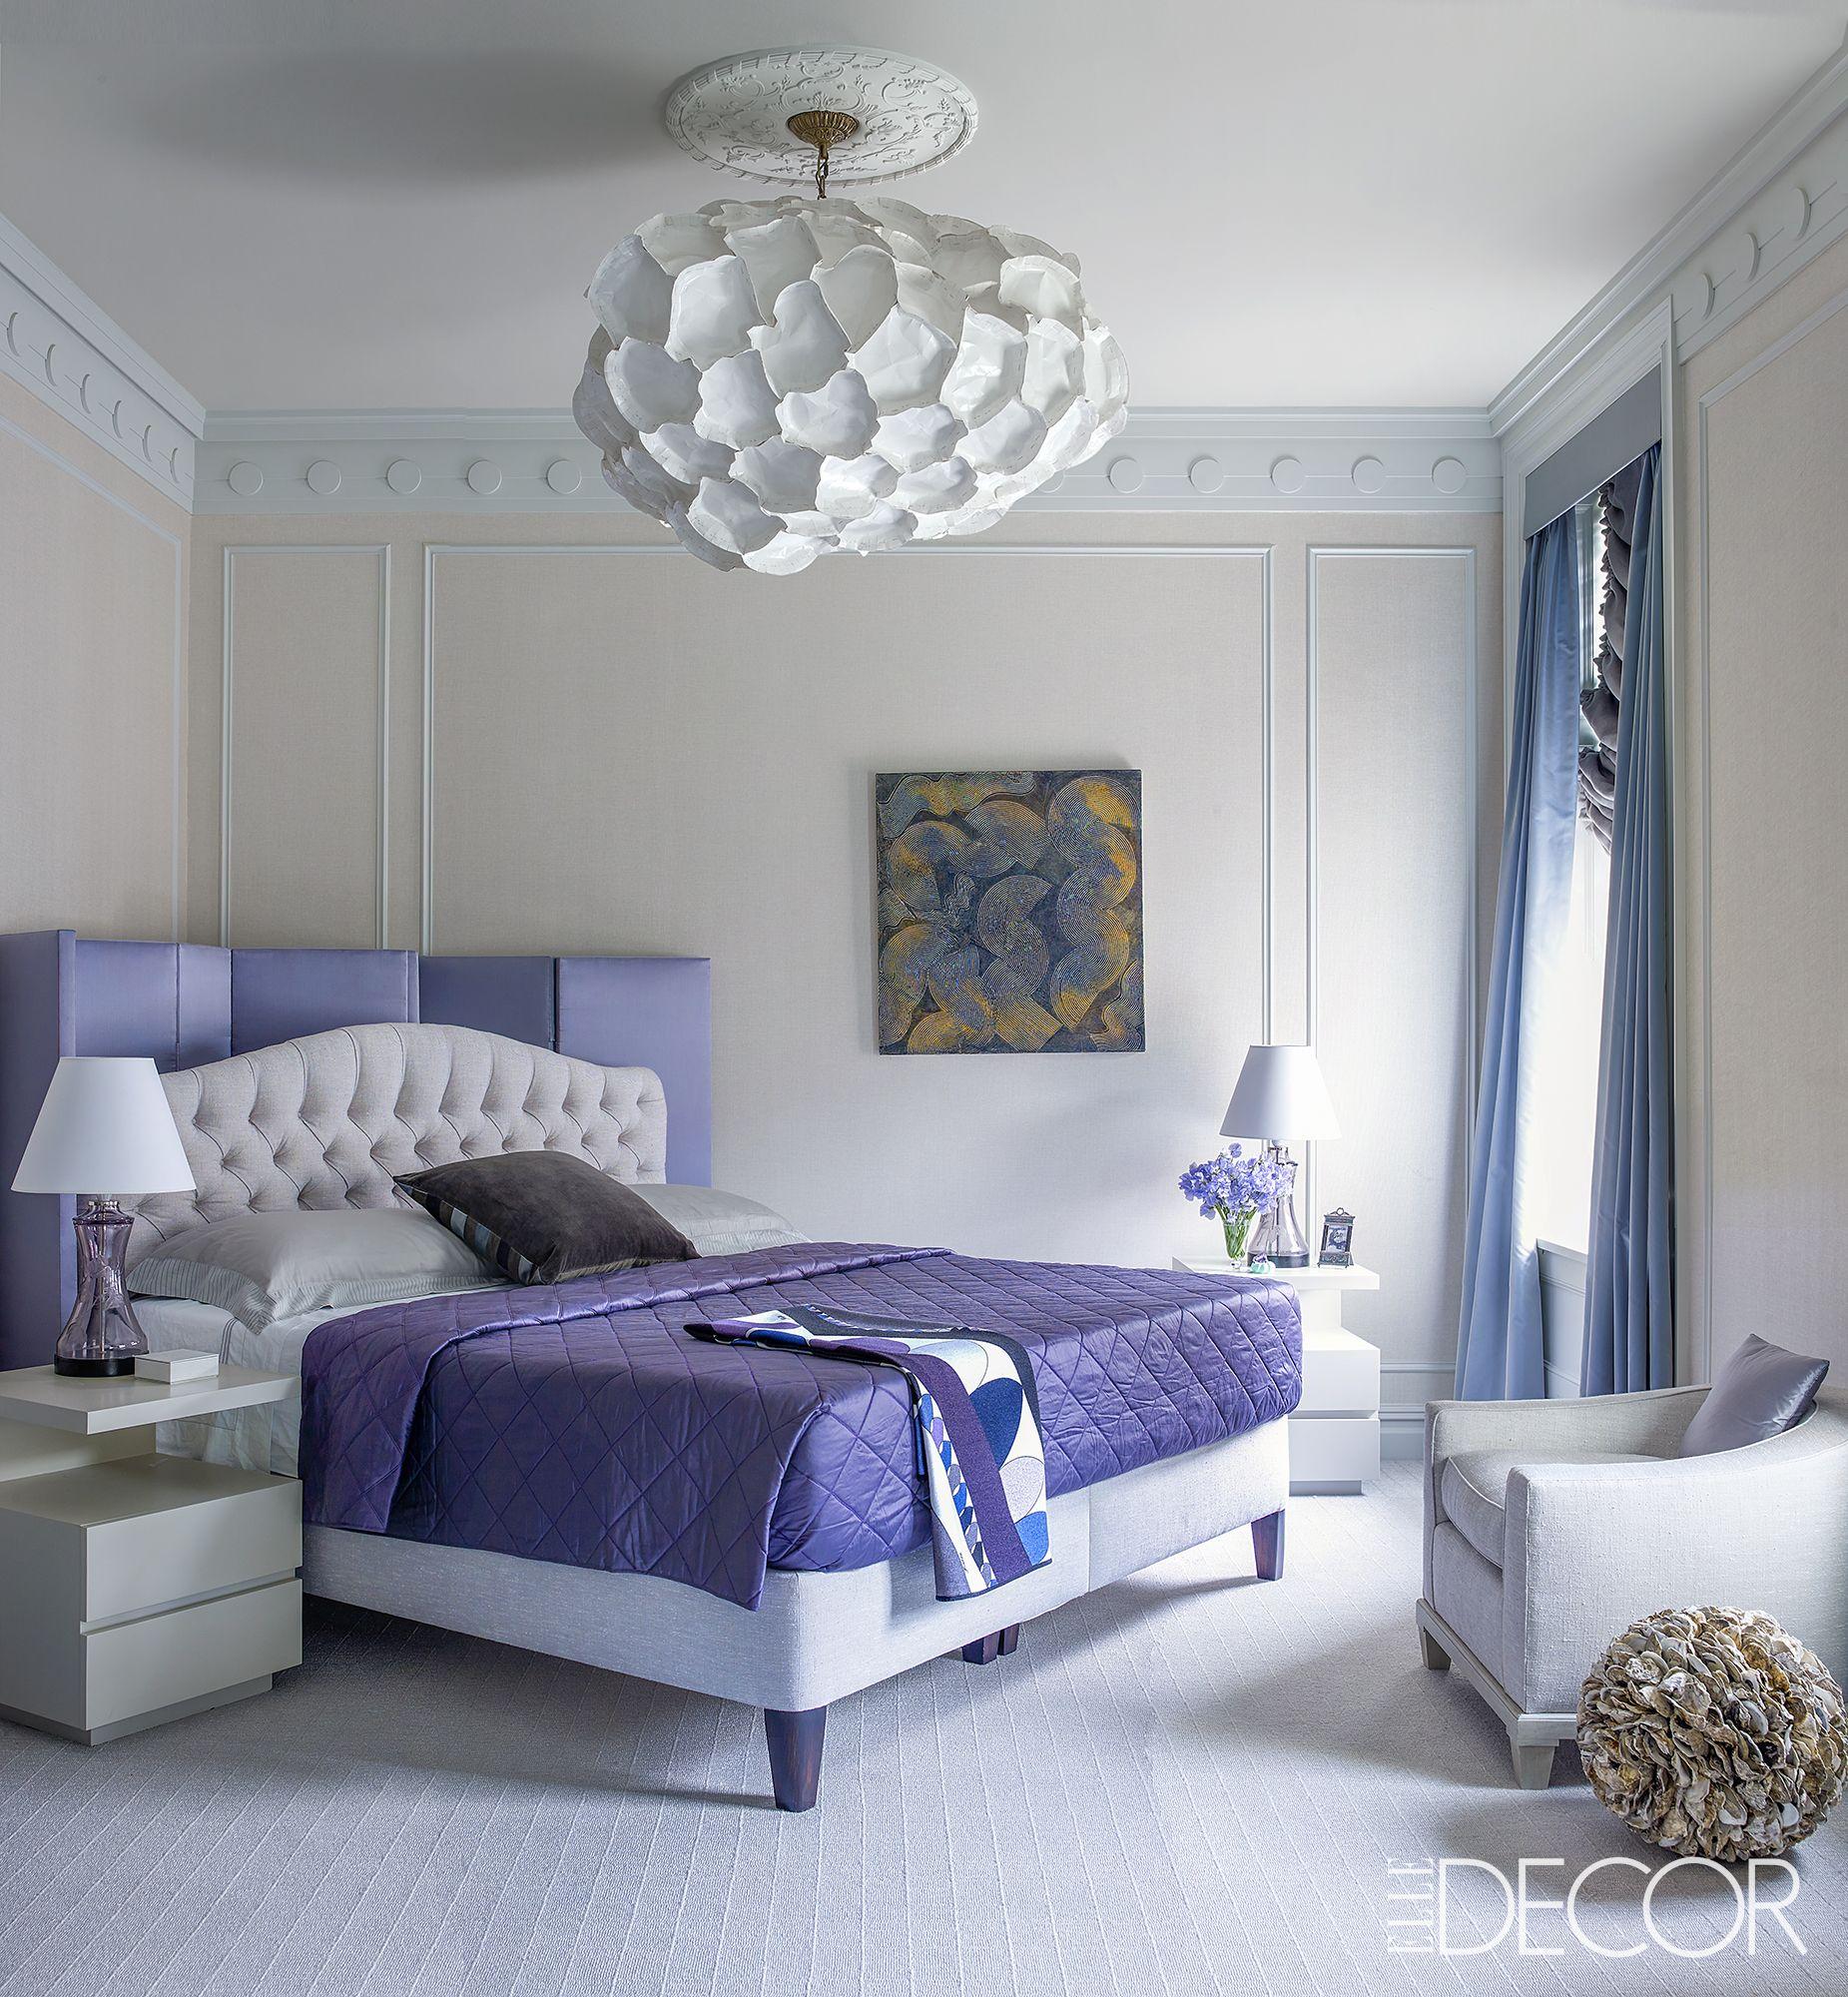 30 bedroom lighting ideas - best lights for bedrooms